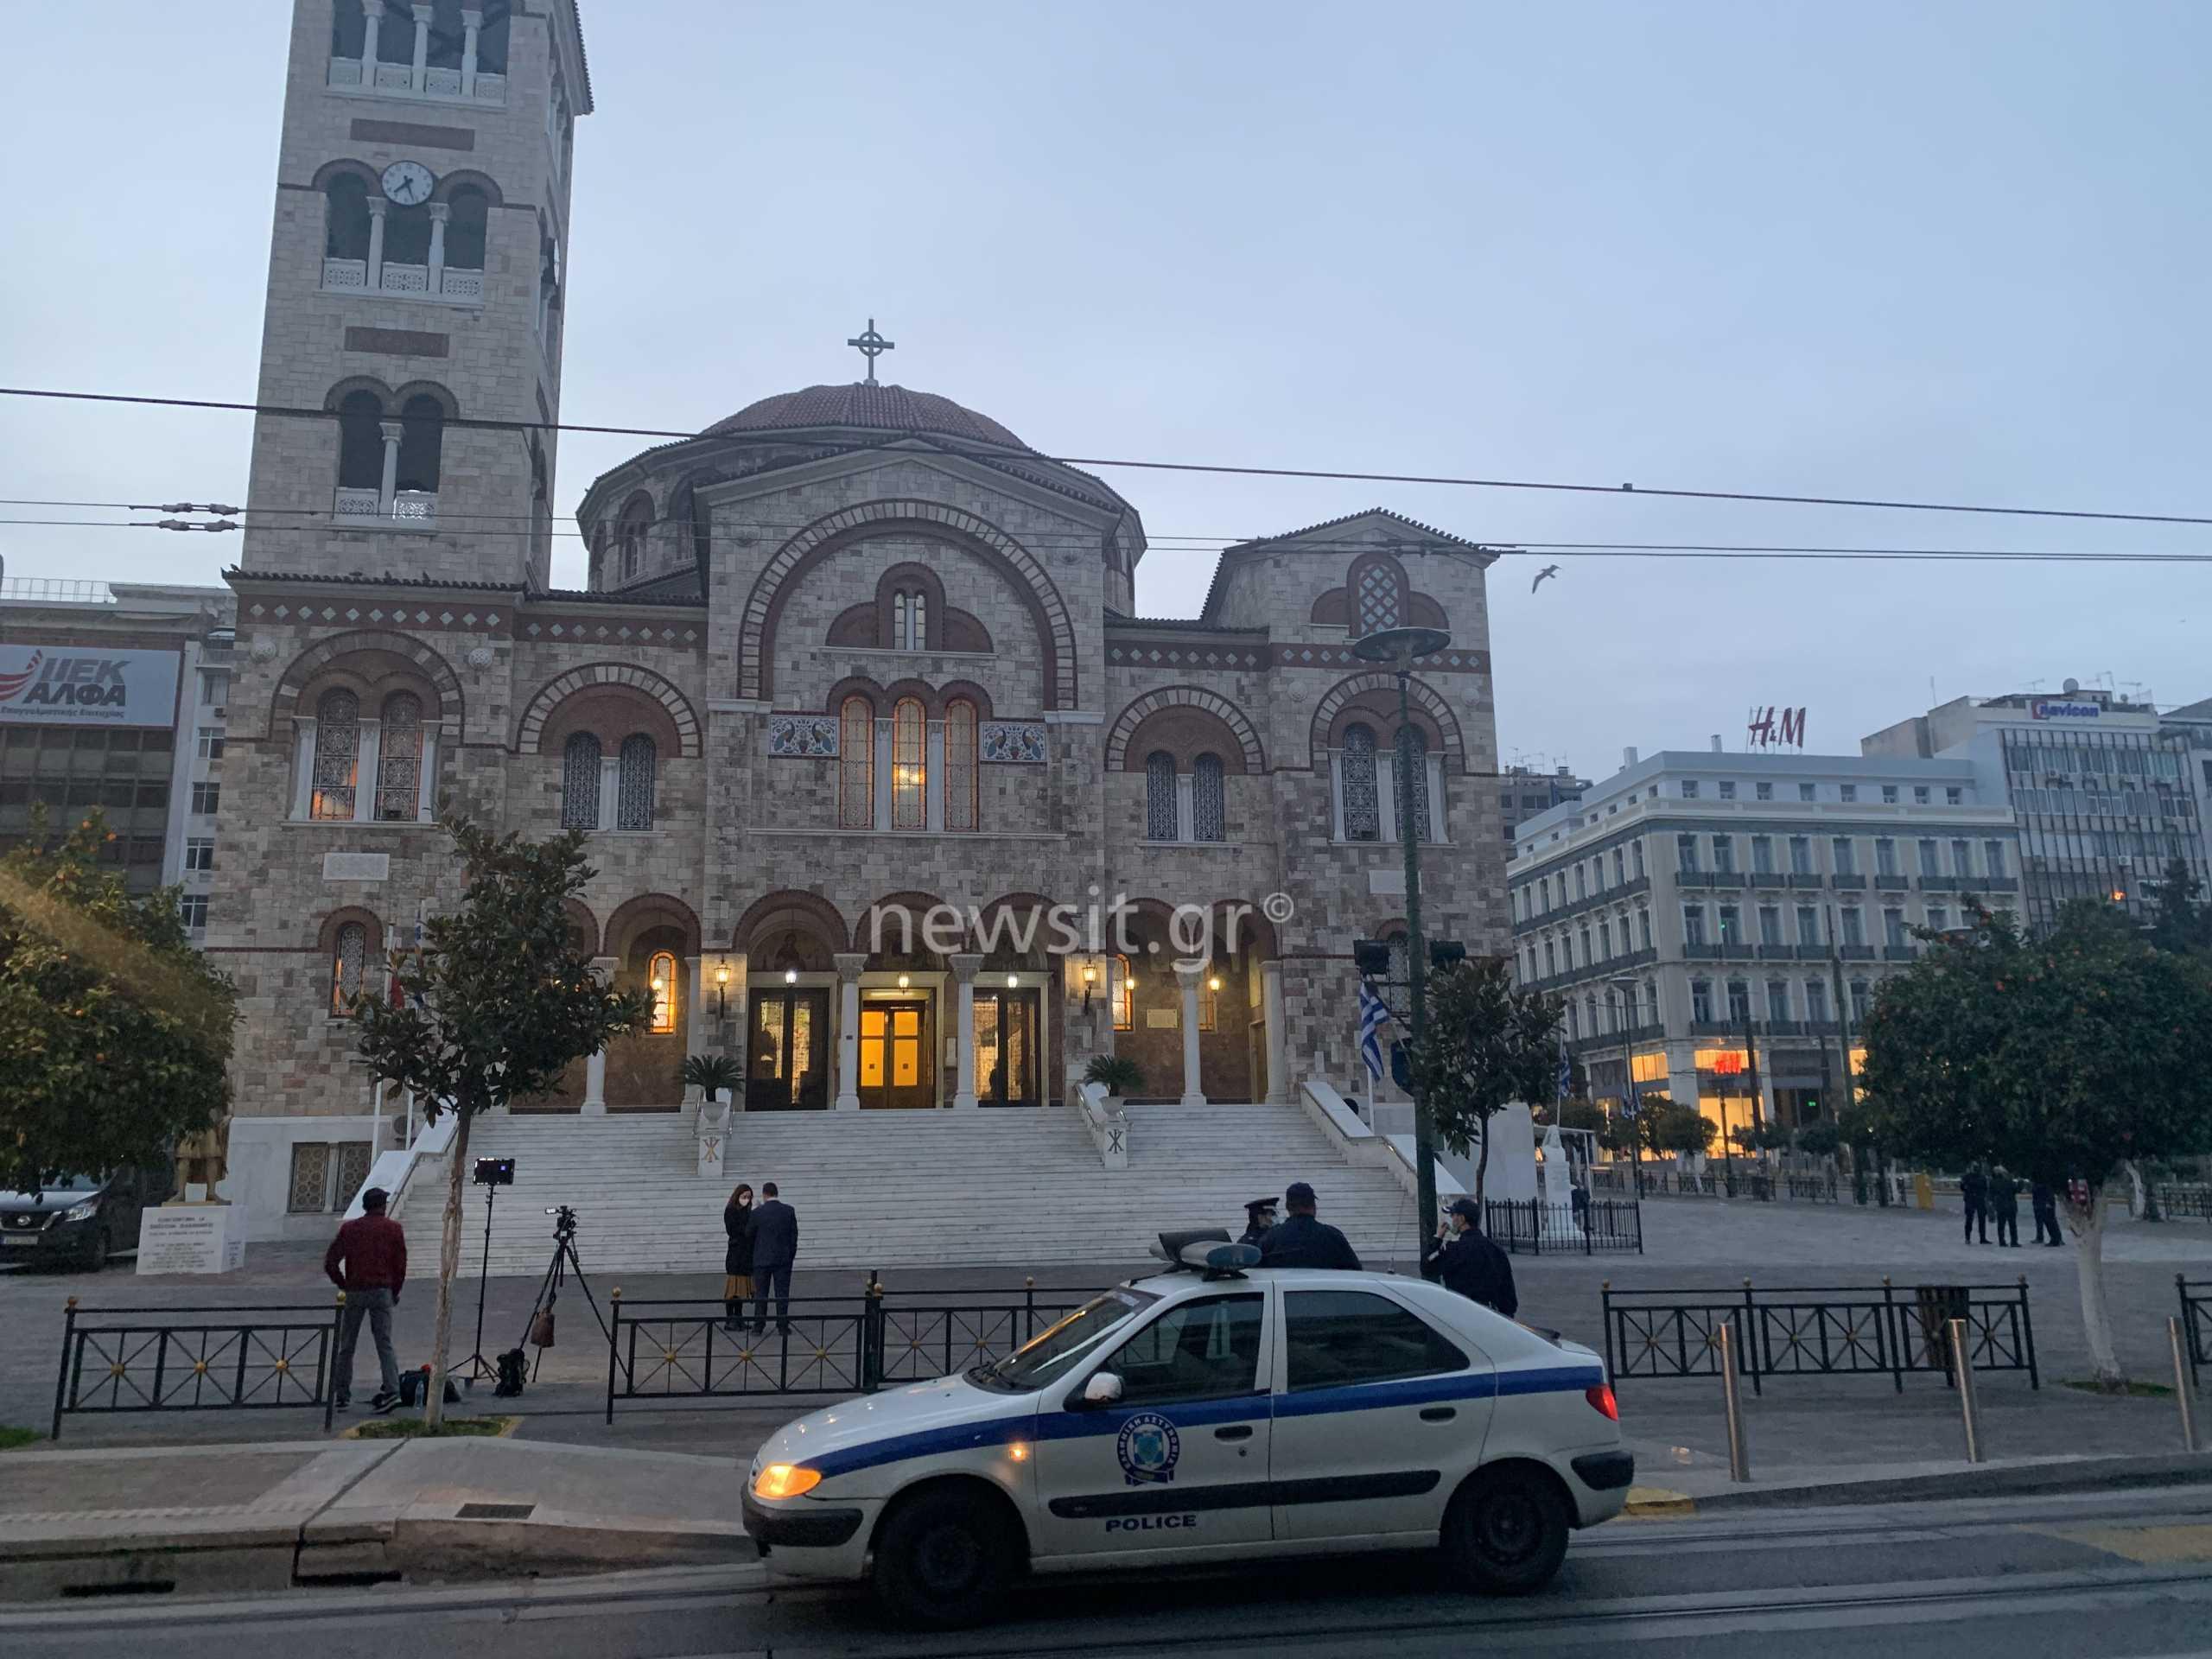 Θεοφάνεια: Λίγοι πιστοί στην Αγία Τριάδα Πειραιά – Σεραφείμ στο newsit.gr: Η κυβέρνηση υπαναχώρησε από τα συμφωνηθέντα